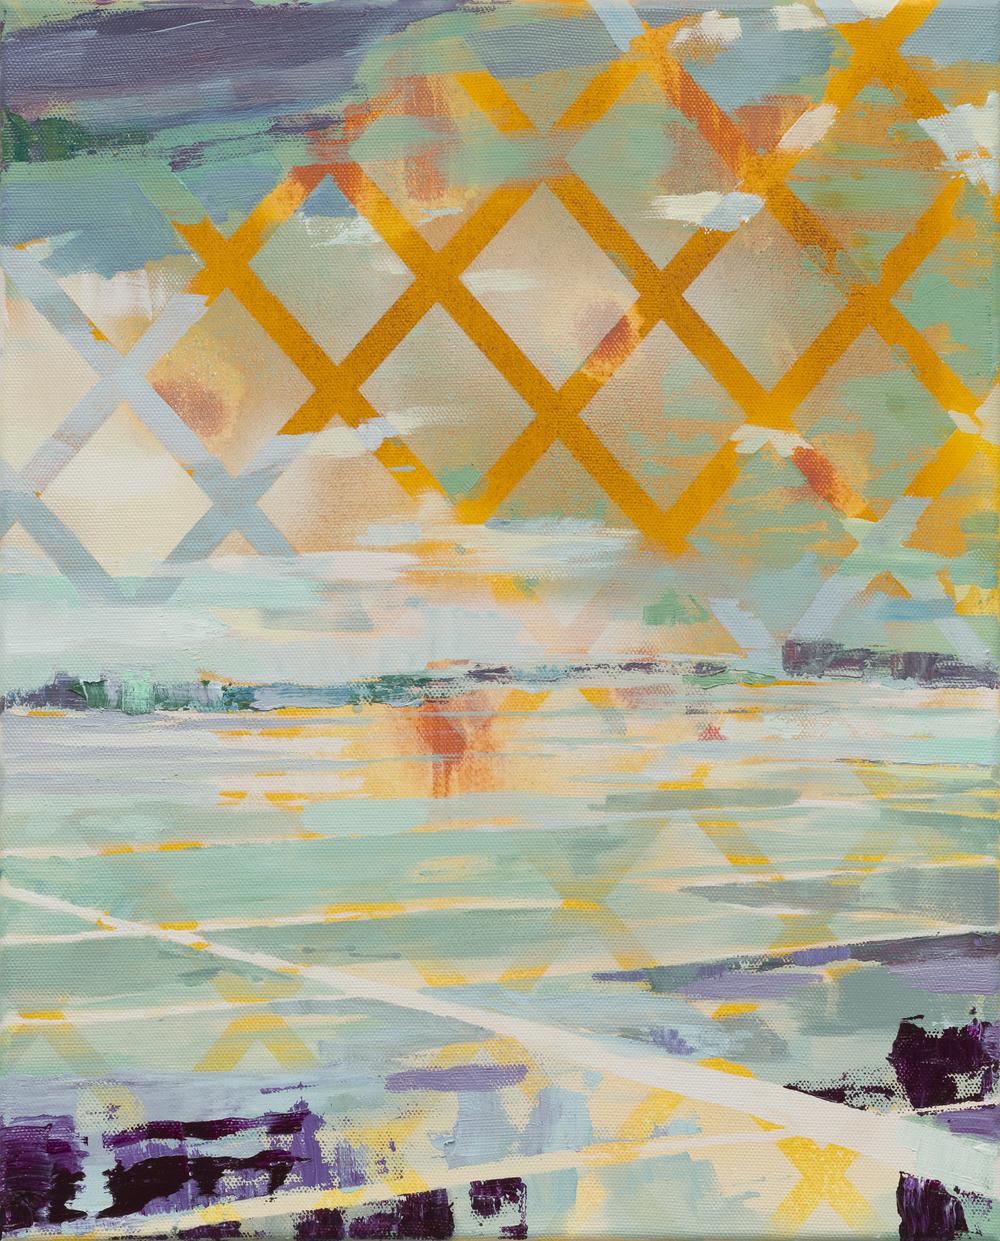 Fields in Flight, 2016, 50 x 40 cm, oil on canvas